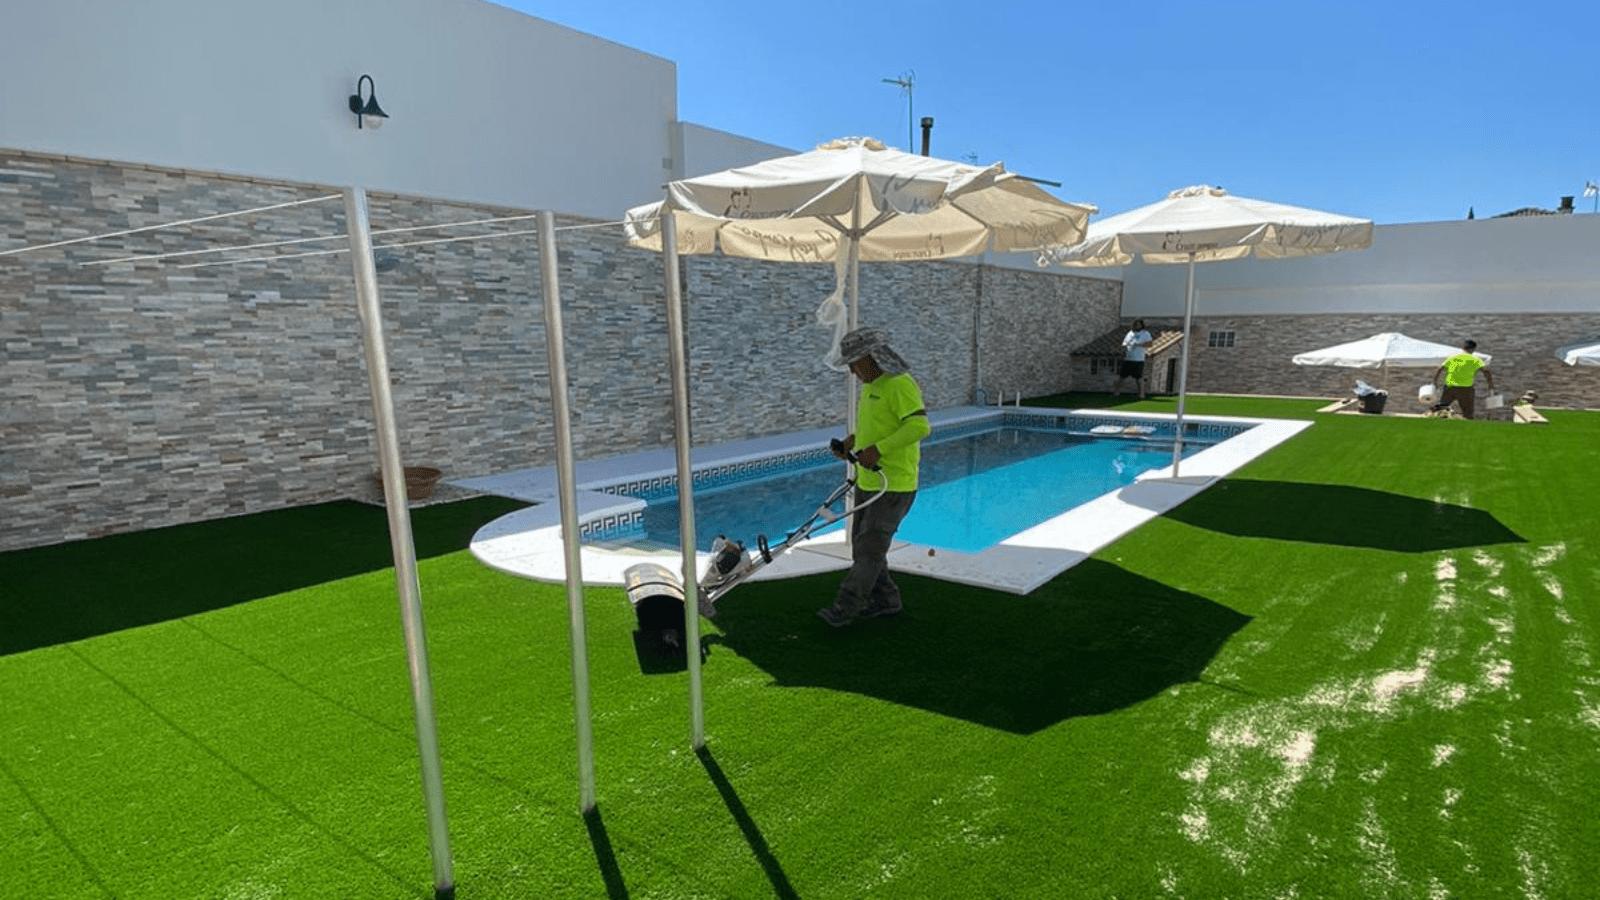 Verdegreen Césped, especialistas en césped artificial para terraza y jardines